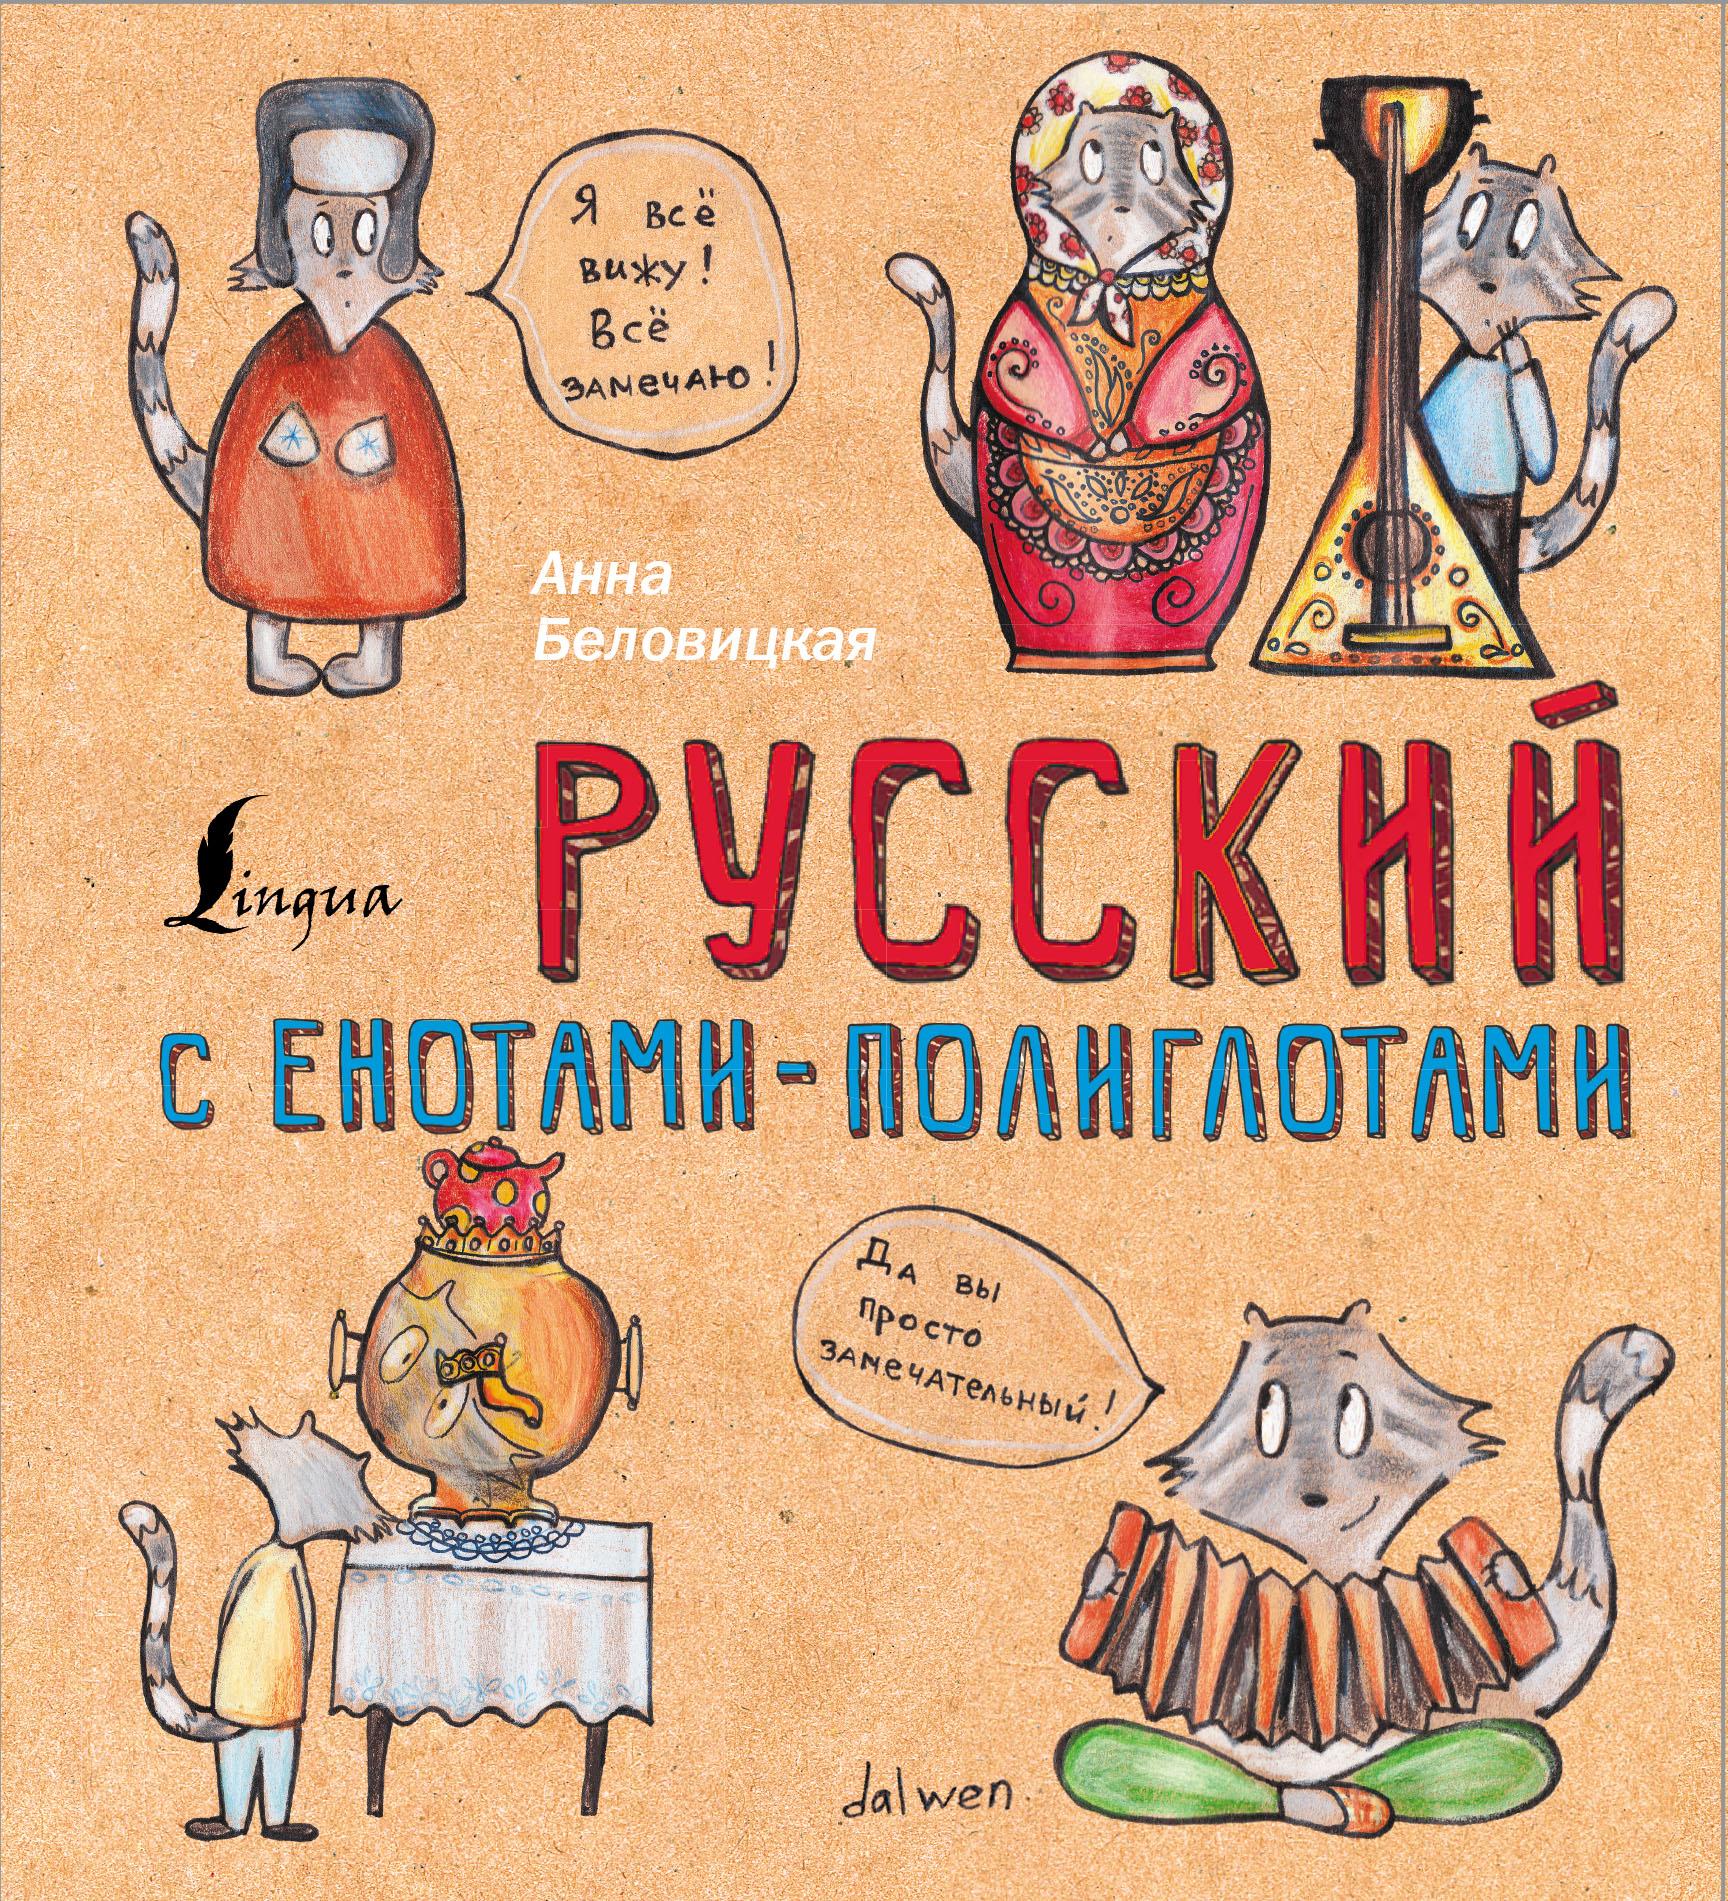 Анна Беловицкая Русский язык с енотами-полиглотами беловицкая а английский язык грамотные коты